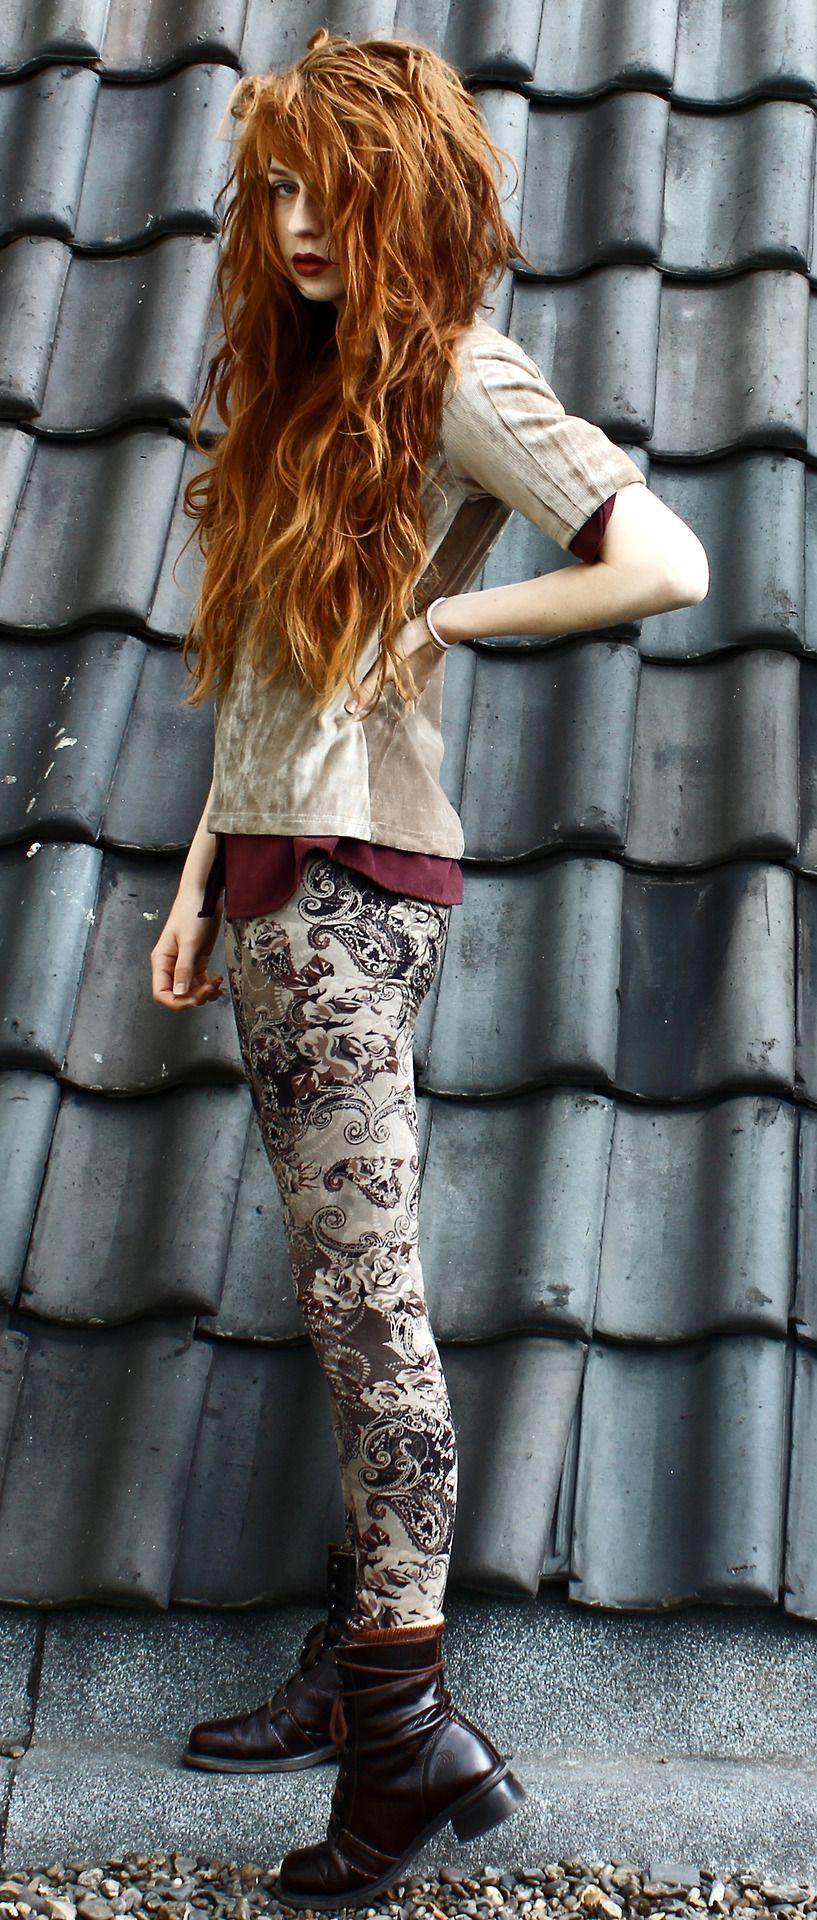 Redhead in shagy